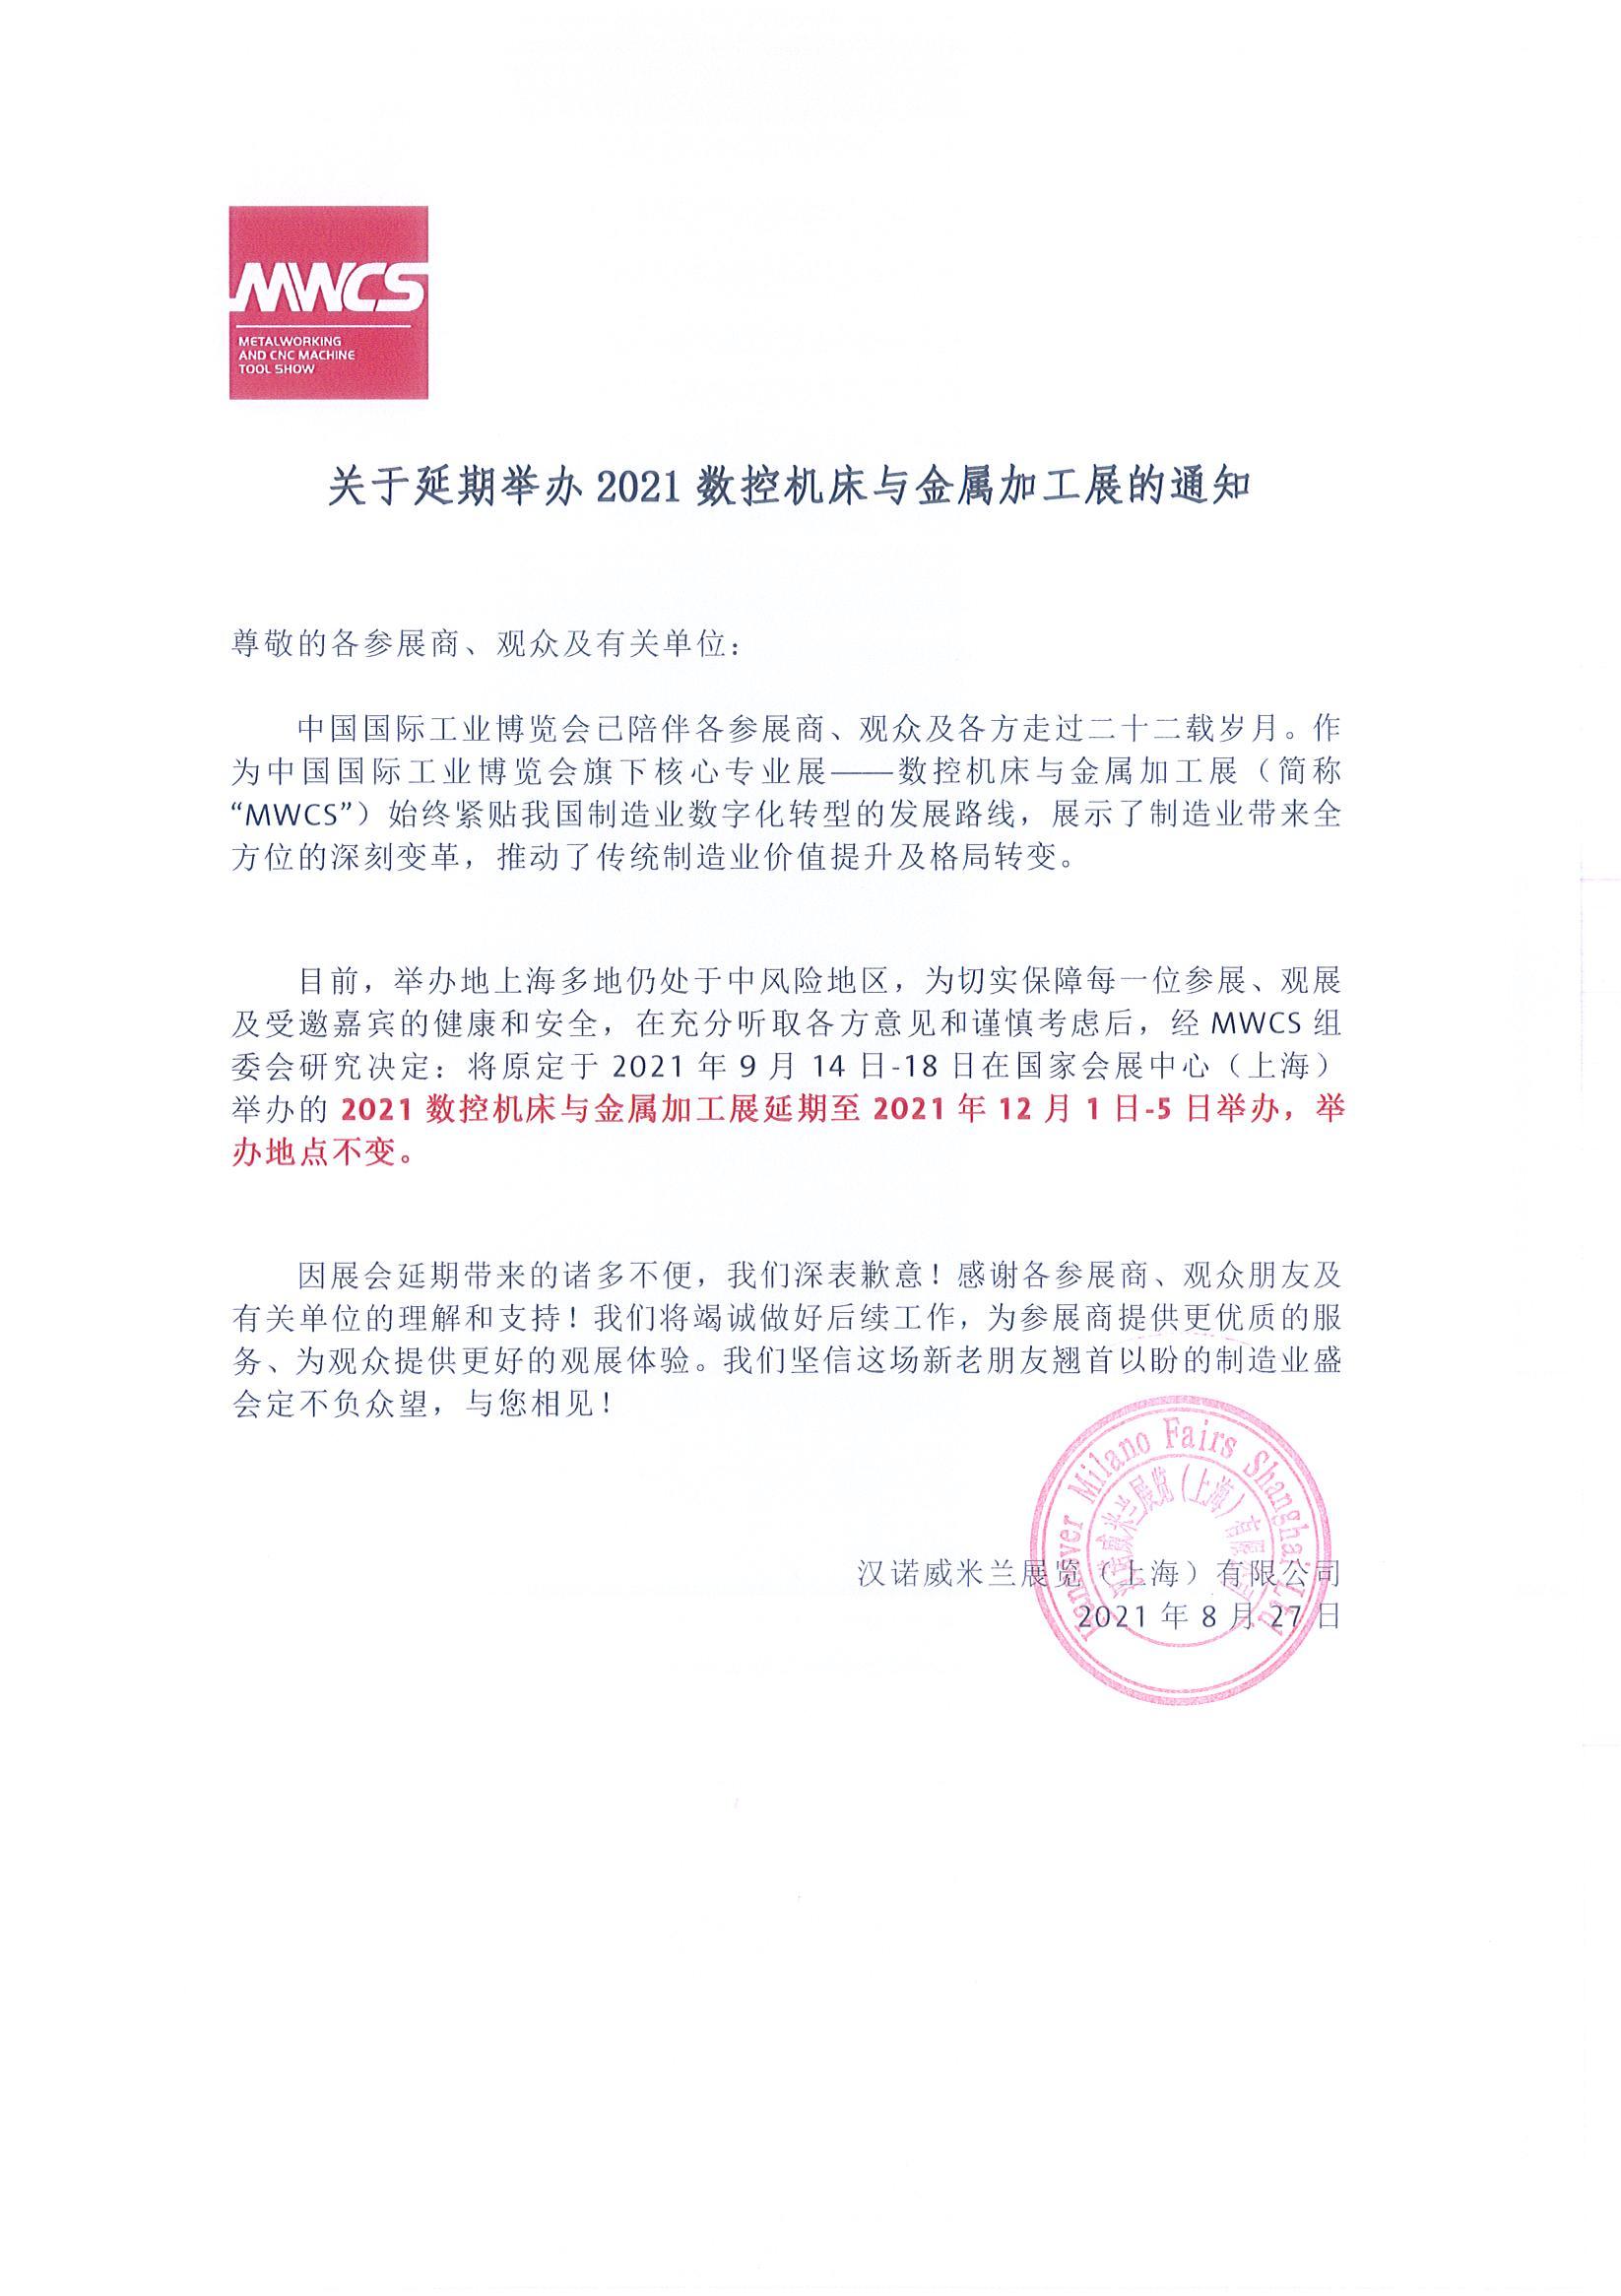 MWCS2021延期通知_页面_1.jpg